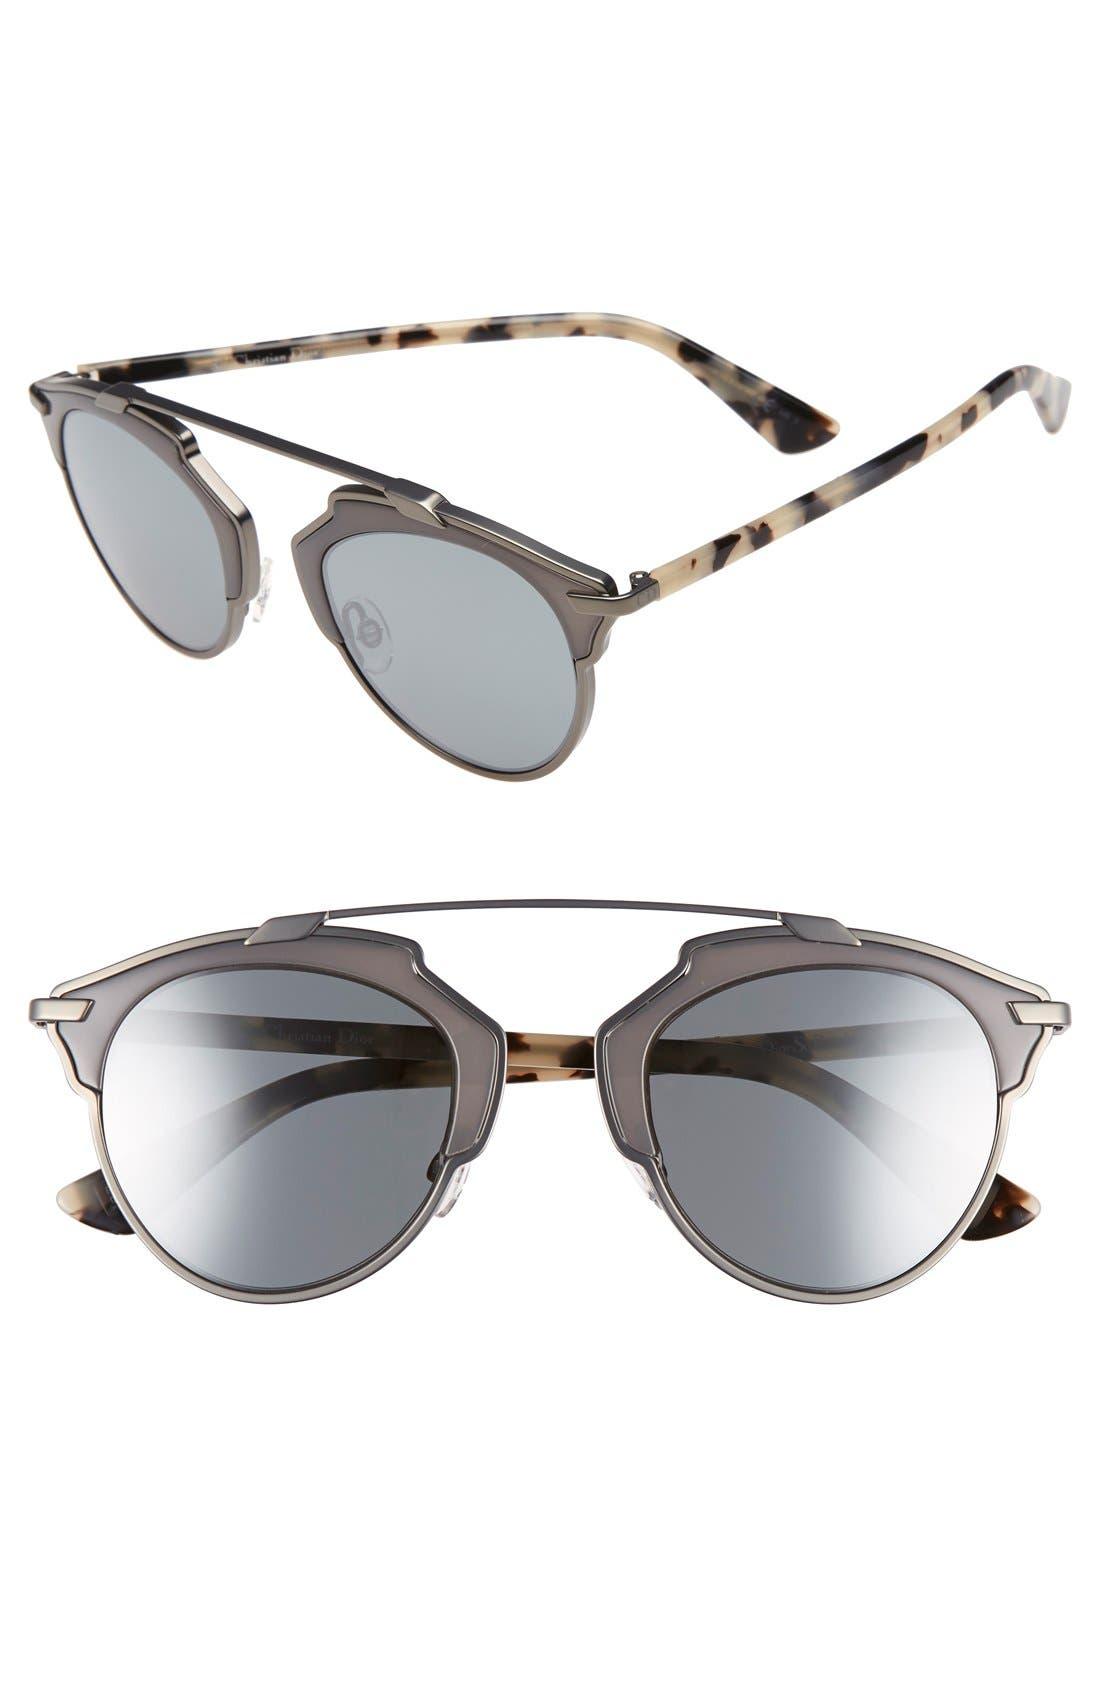 So Real 48mm Brow Bar Sunglasses,                             Main thumbnail 14, color,